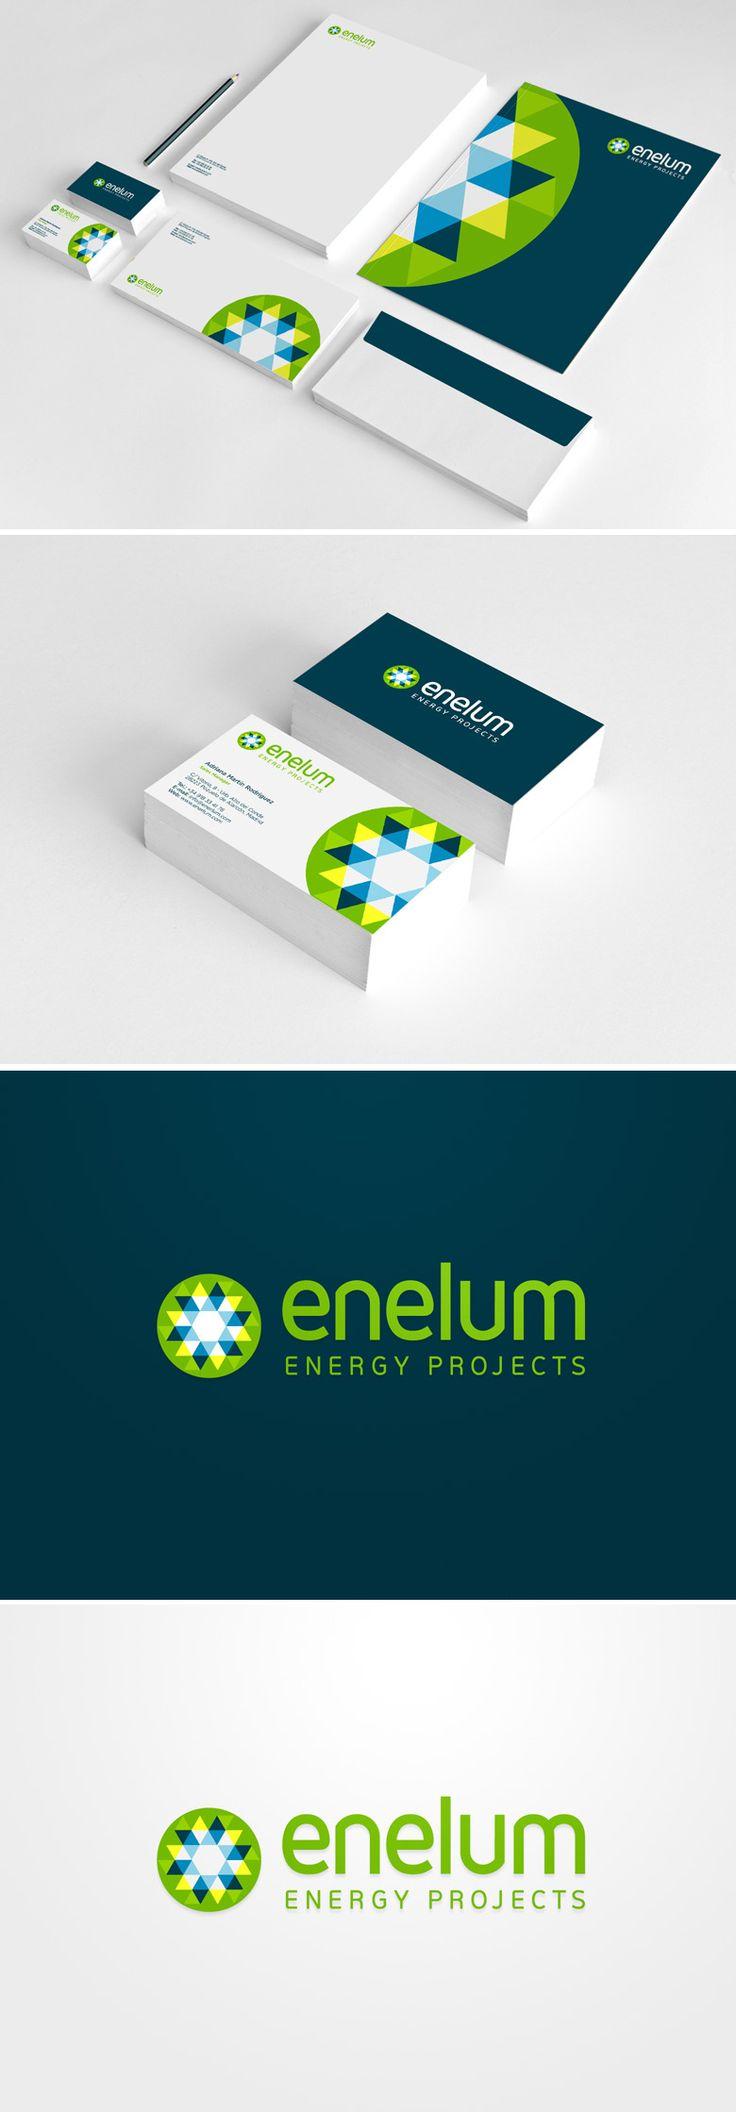 Diseño de logotipo y papelería para Enelum, una empresa madrileña especializada en el diseño, ejecución y gestión de proyectos de energías renovables (especialmente solar y eólica). El logo definitivo se construye a partir de una retícula triangular que nos permite superponer la silueta de las aspas de un molino y un sol. Para ello jugamos con diferentes tonalidades de azul, verde y amarillo que a través de la transparencia crean un efecto óptico de movimiento.